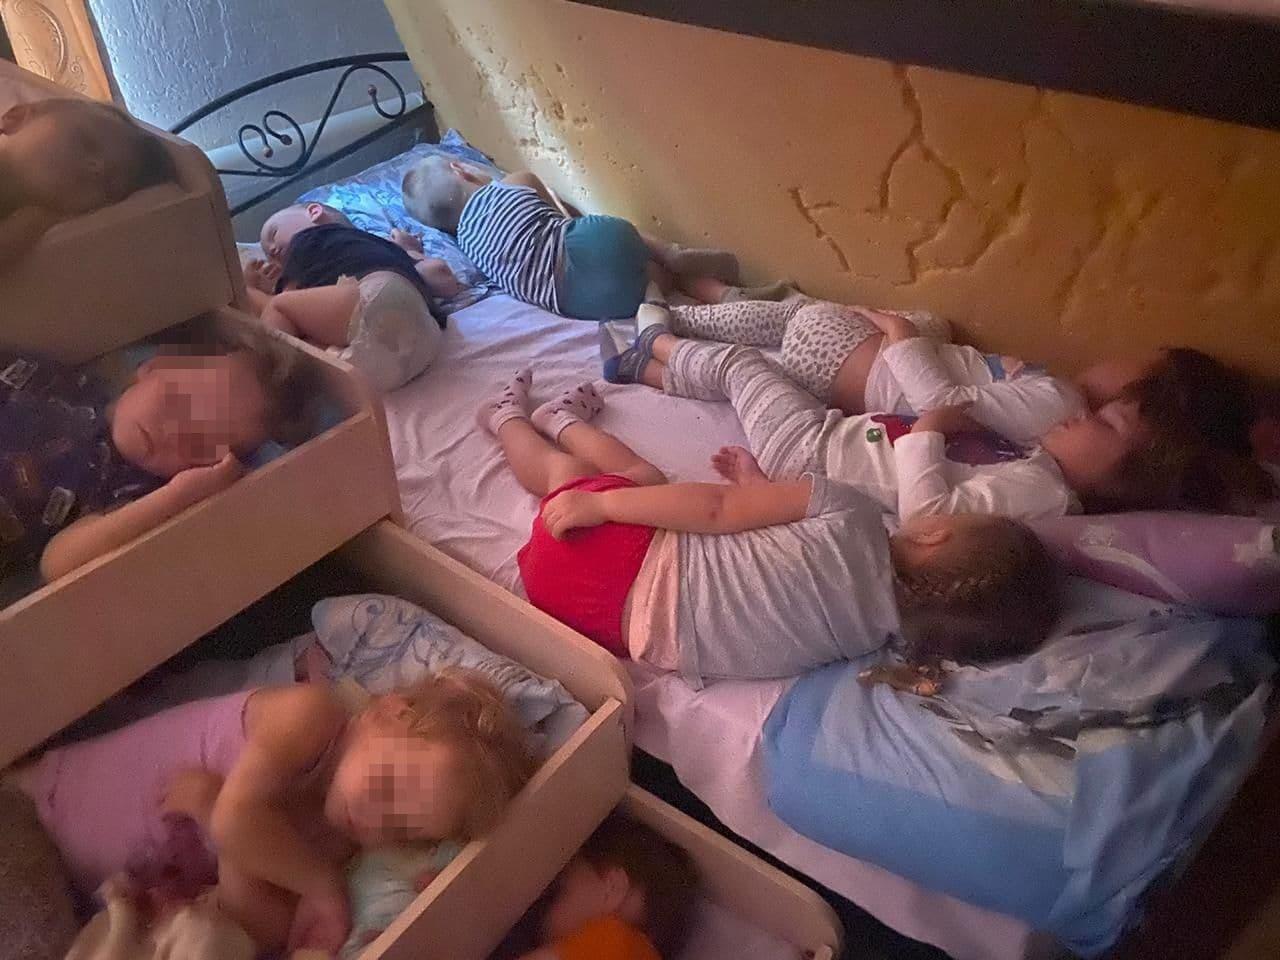 В Краснодаре закрыли частный детсад из-за многочисленных нарушений